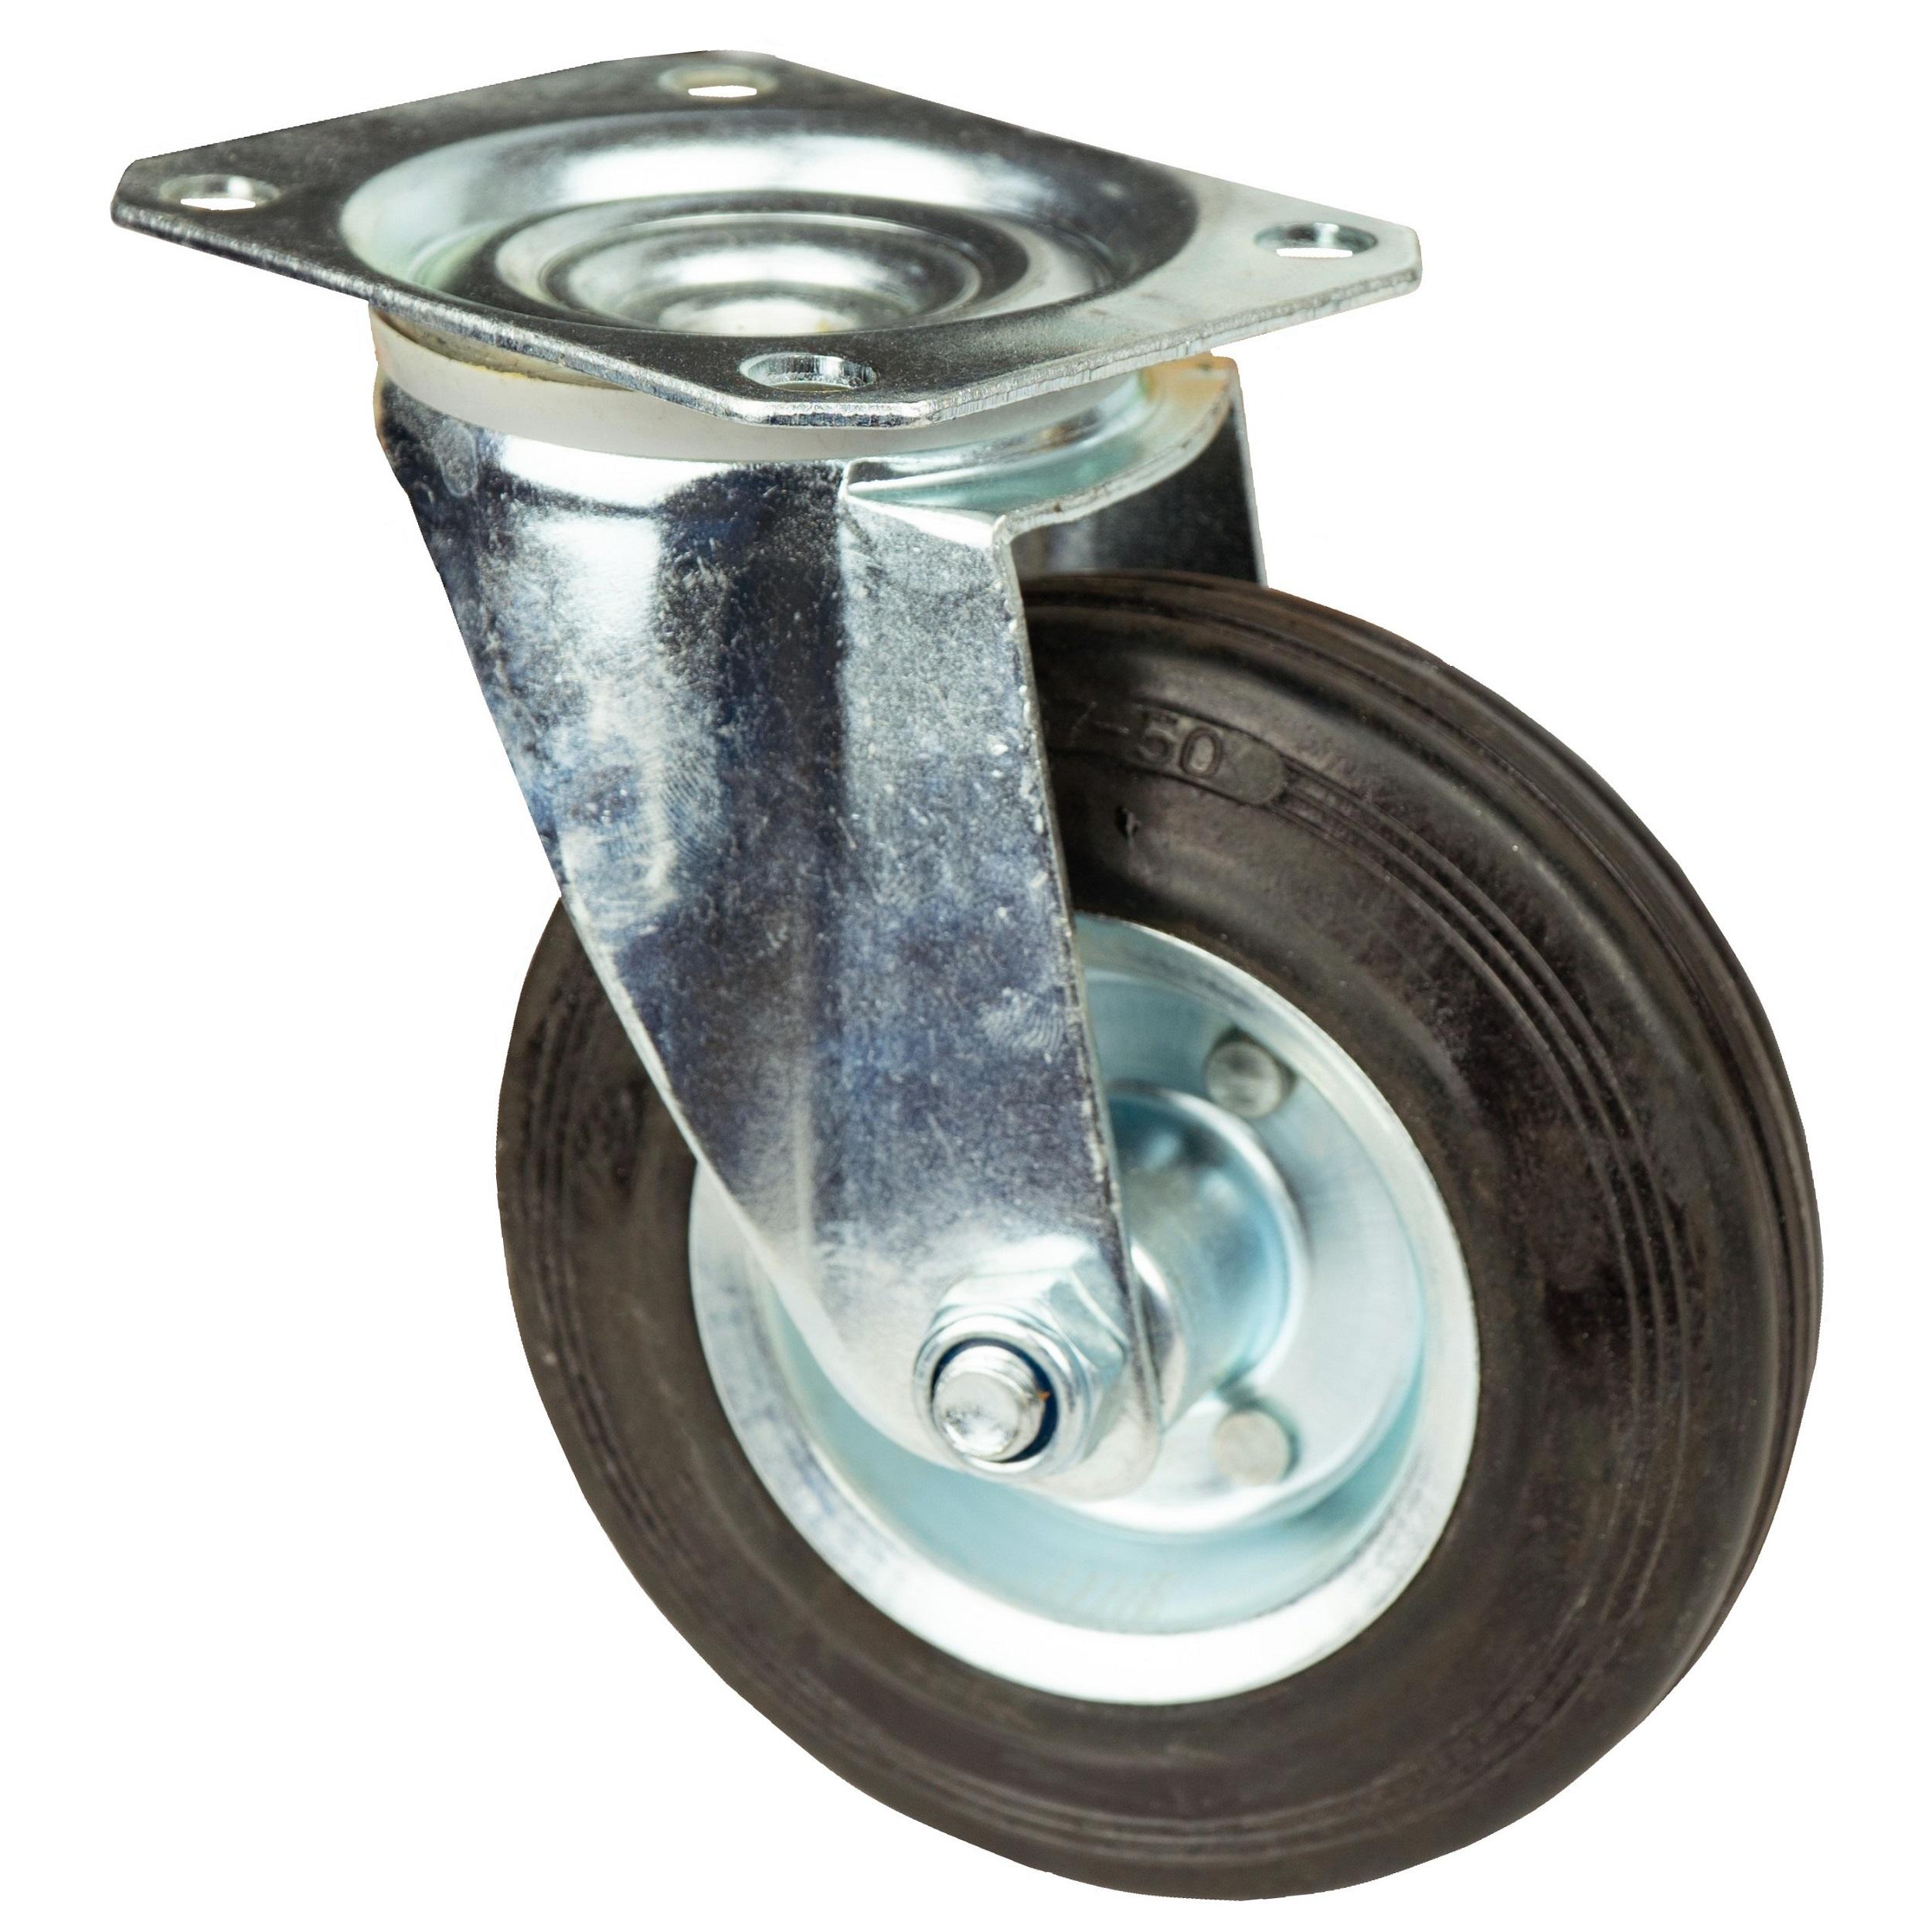 Möbelrolle 30mm 1Stück transparent Rolle Laufrolle Transportrolle Bockrolle